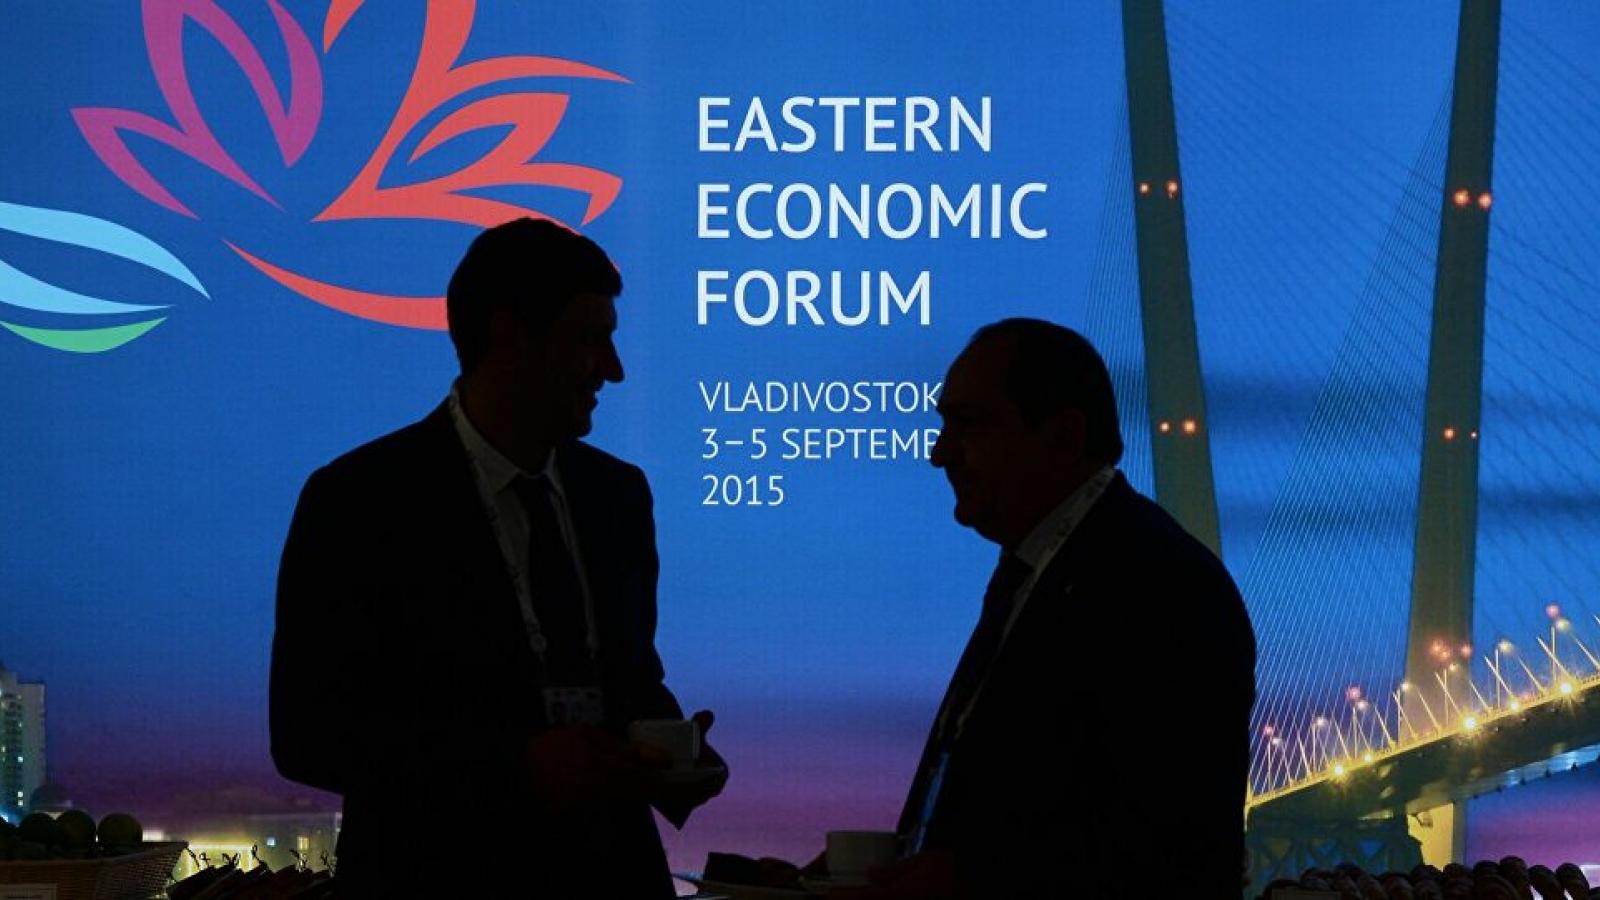 Diễn đàn kinh tế Phương Đông lần thứ 6 - Cơ hội mới trong thế giới đang thay đổi